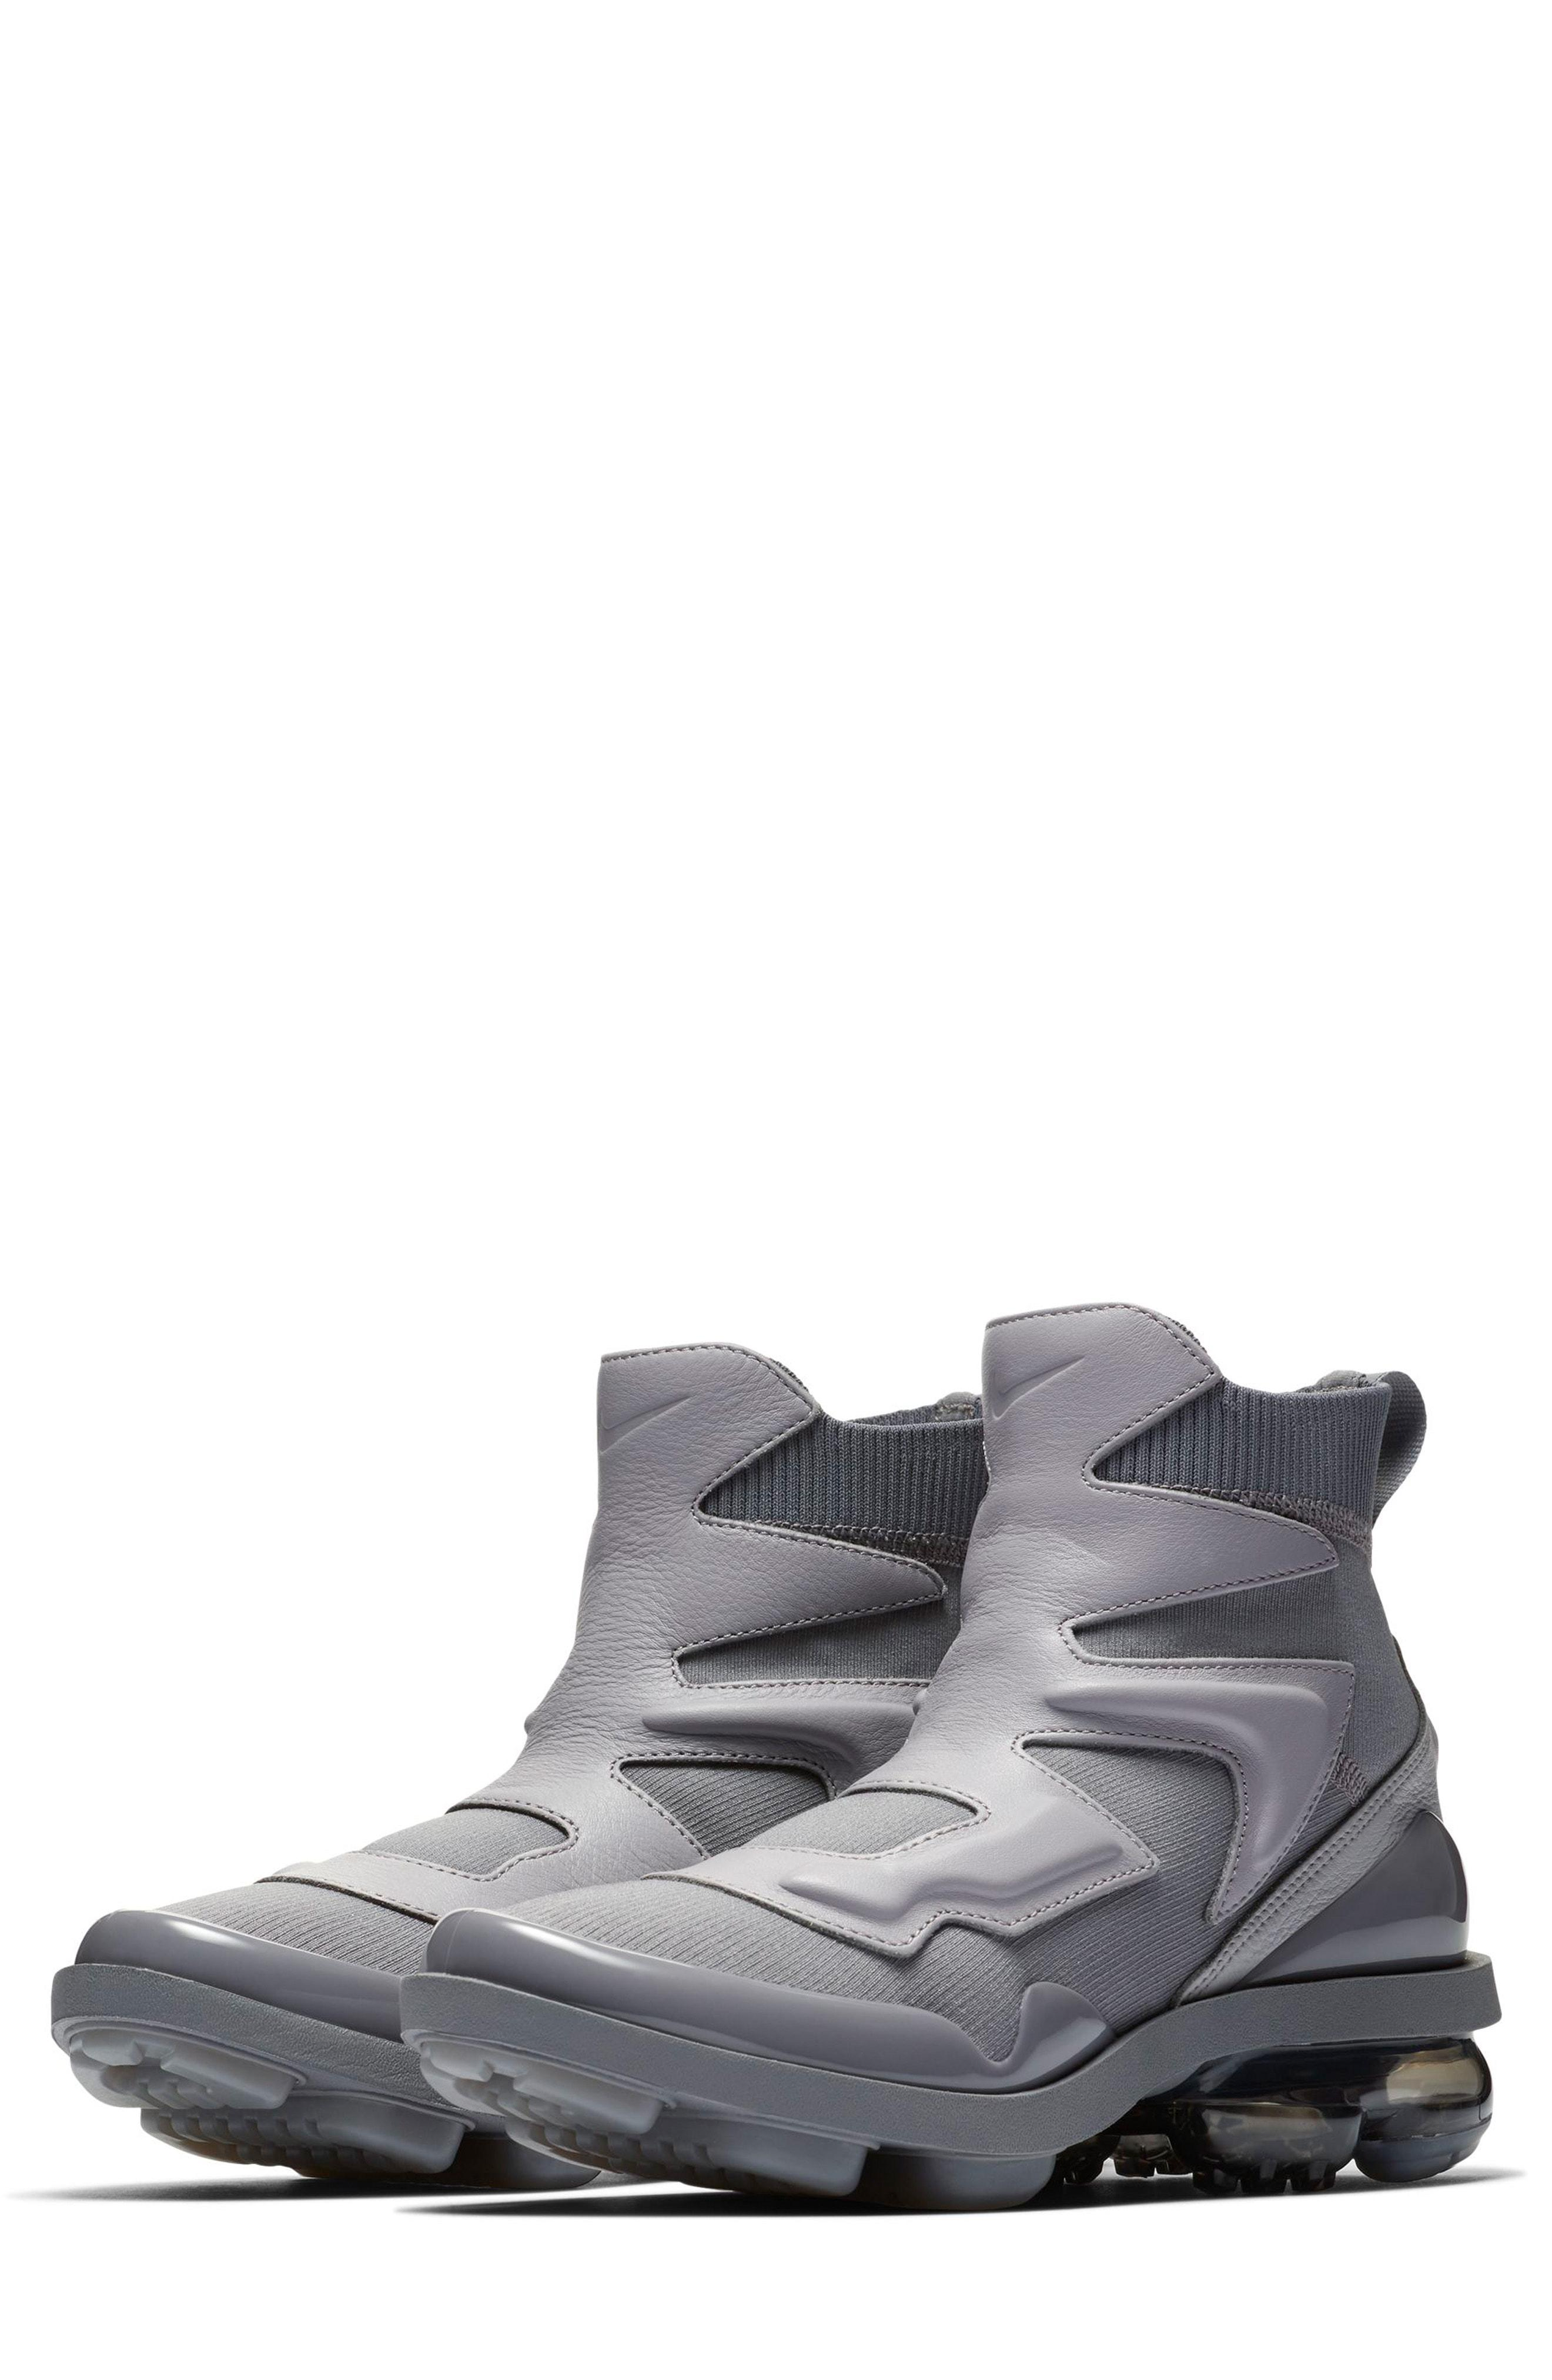 ec47ee5a39c67 Lyst - Nike Air Vapormax Light Ii Sneaker in Gray